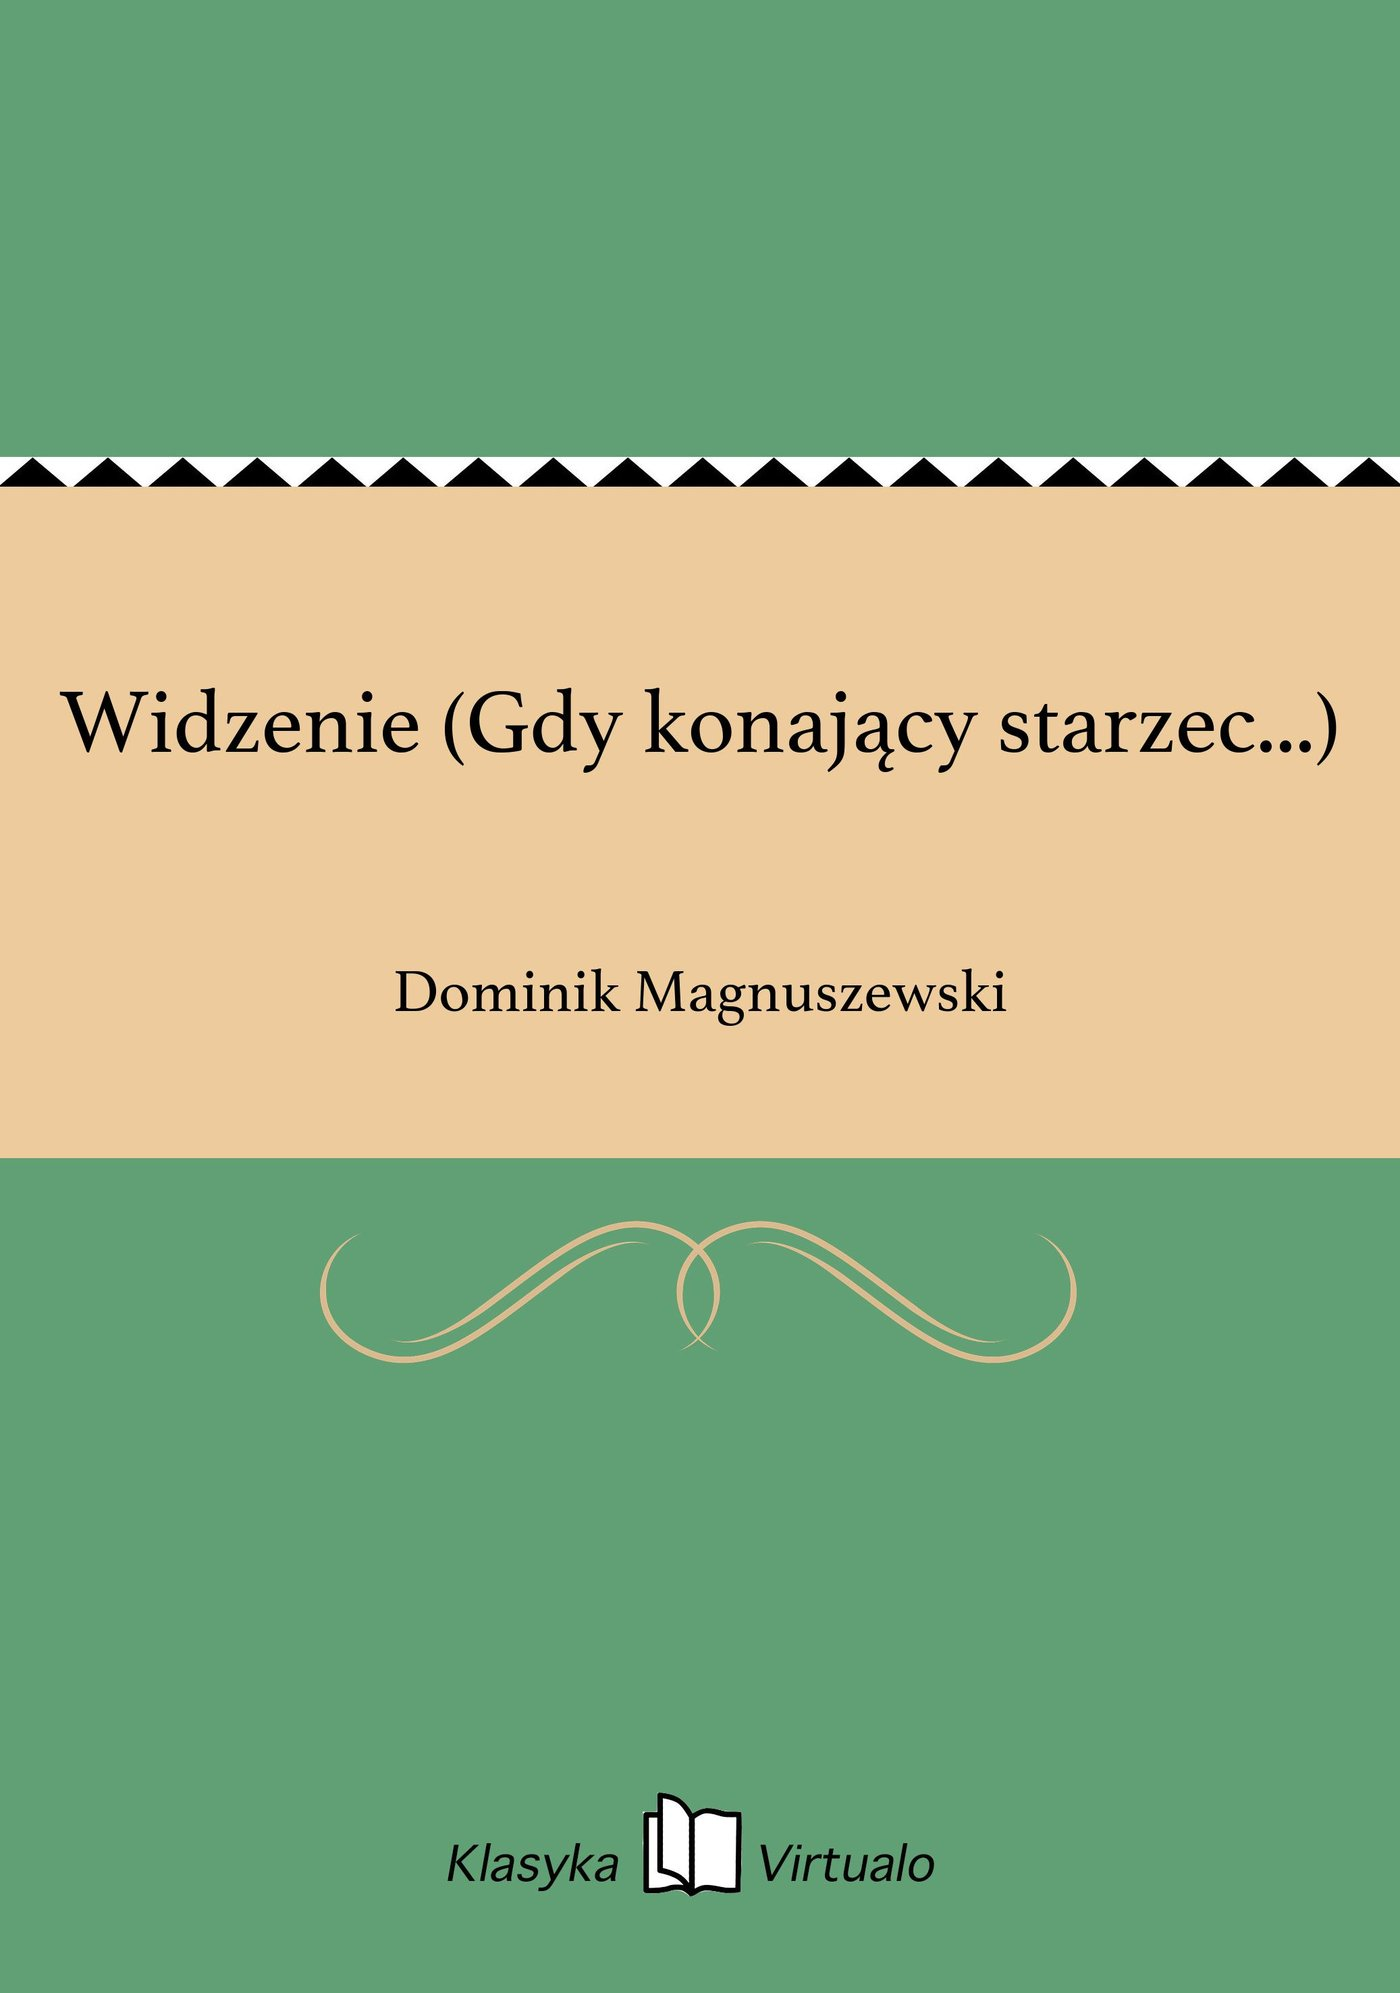 Widzenie (Gdy konający starzec...) - Ebook (Książka na Kindle) do pobrania w formacie MOBI